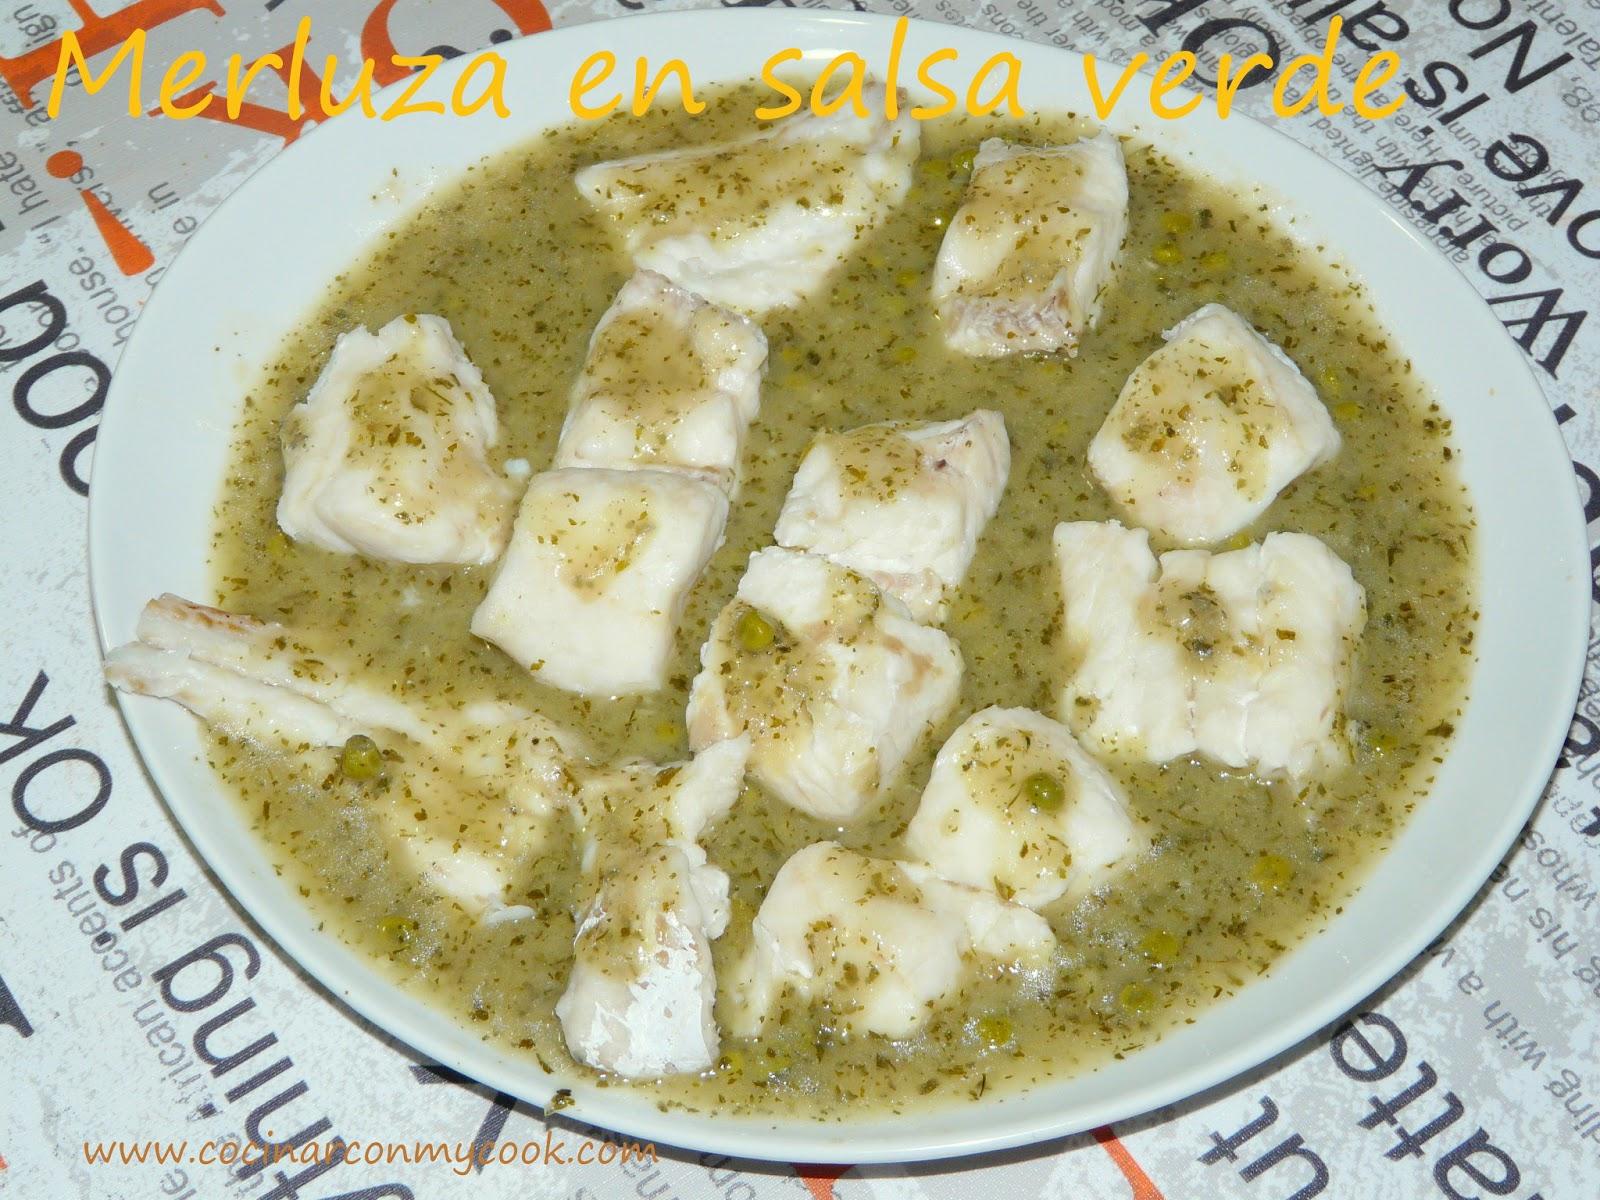 Cocinar con mycook merluza en salsa verde - Cocinar merluza en salsa ...